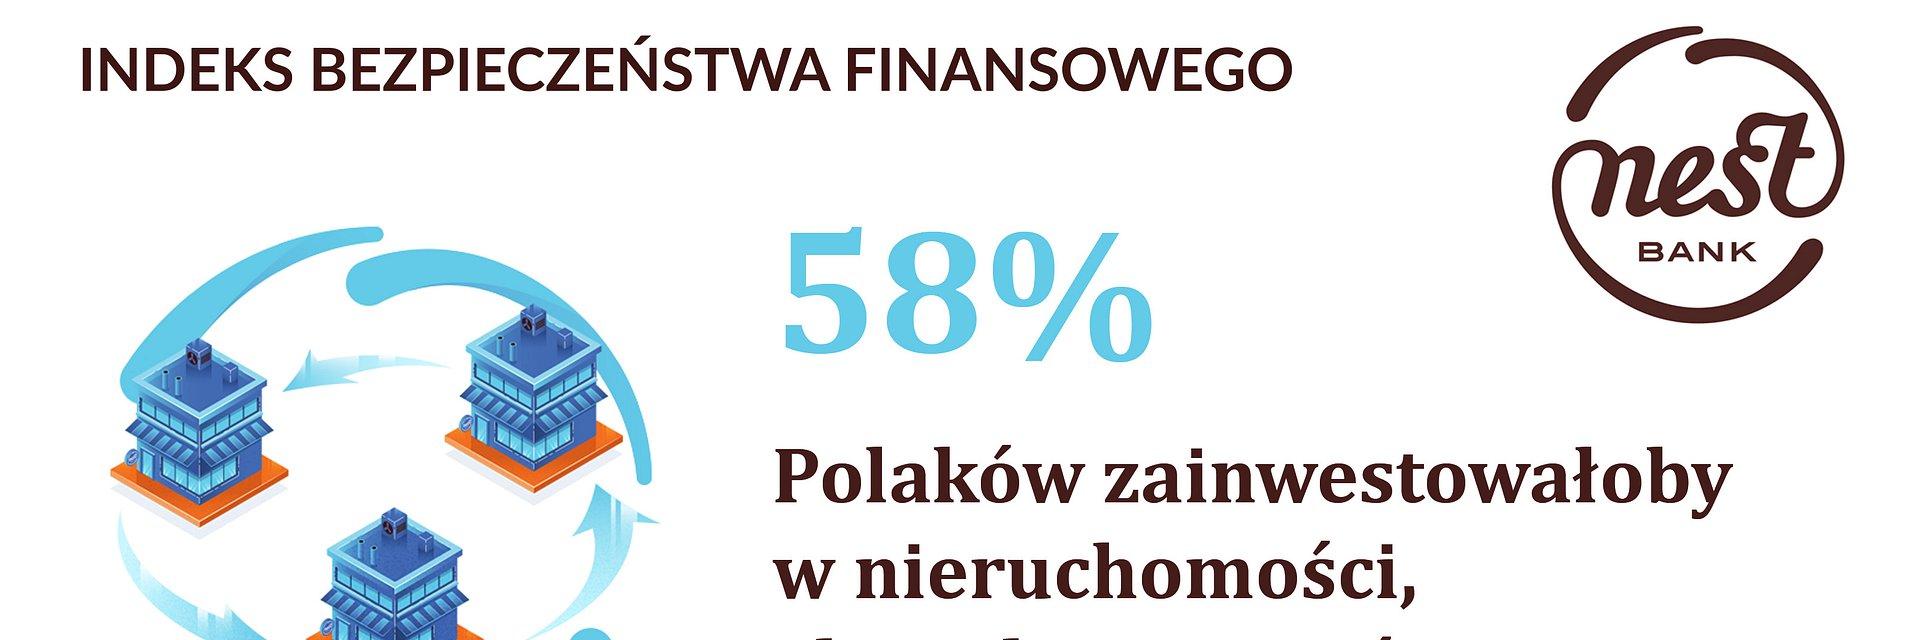 Co Polacy zrobiliby z 10 tysiącami złotych?